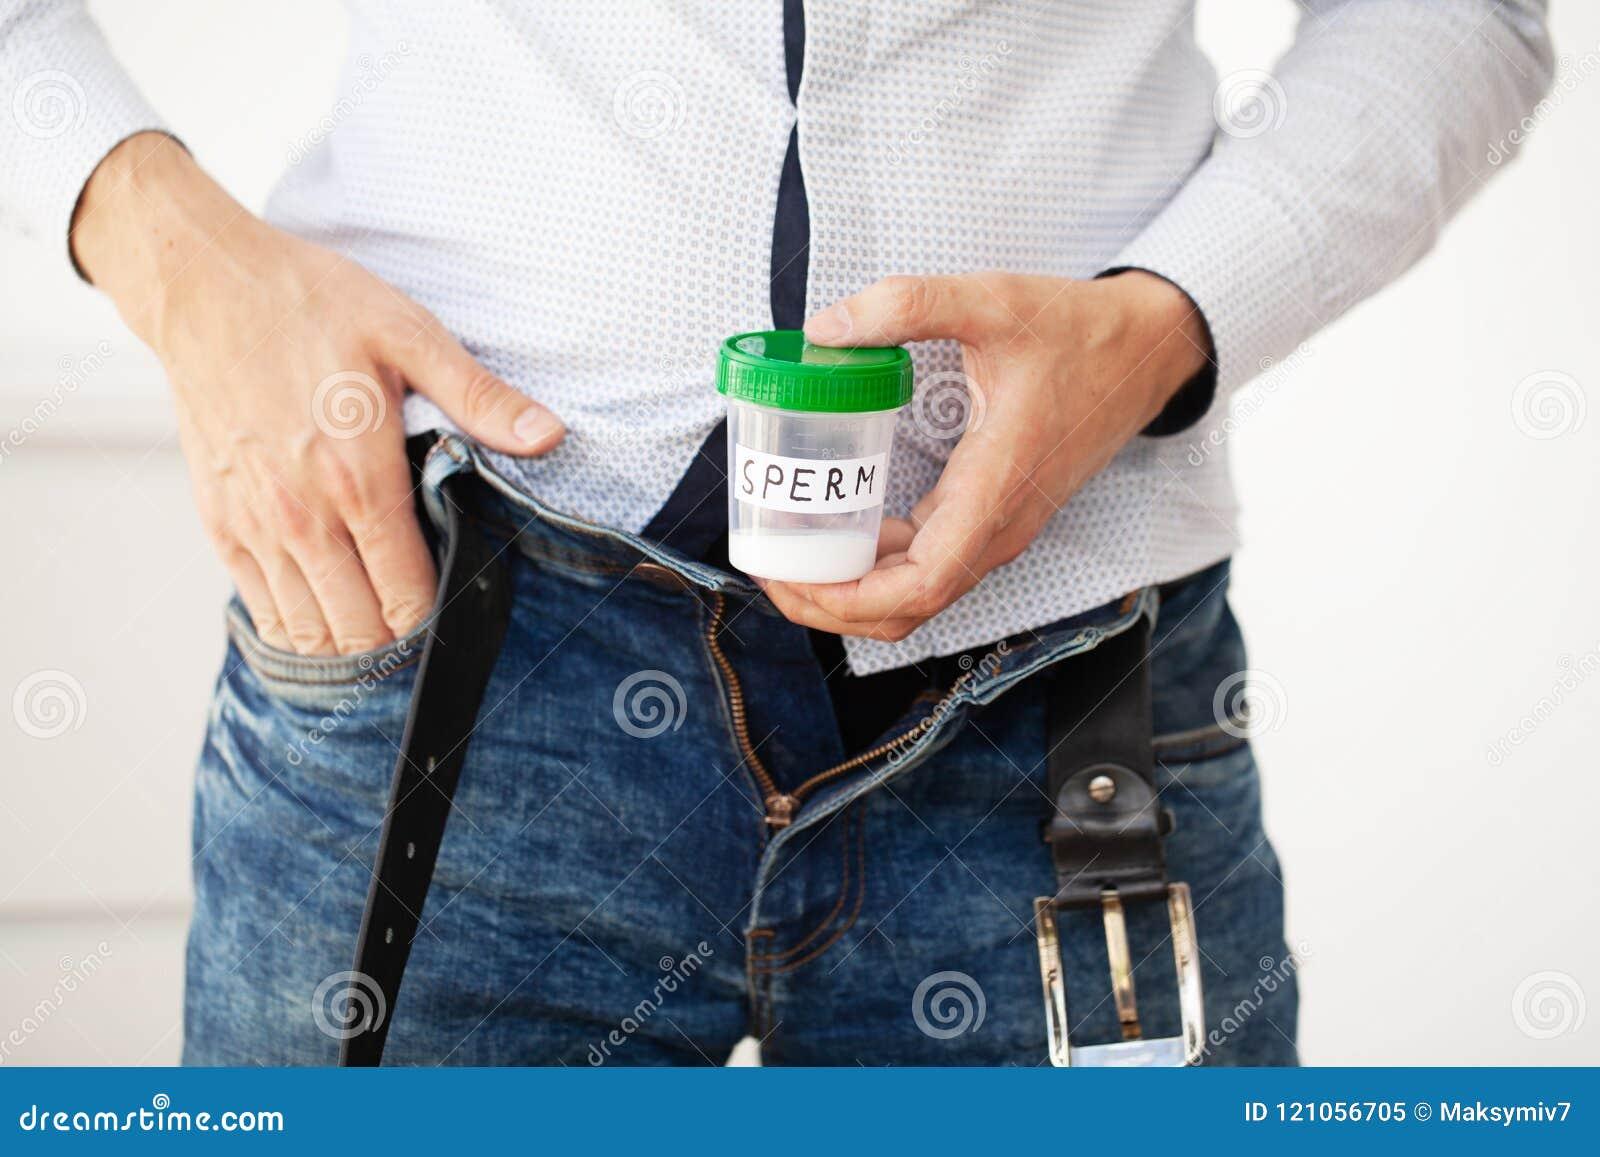 Santé Sperme témoin Concept de fin de sperme de distributeur de sperme de banque I